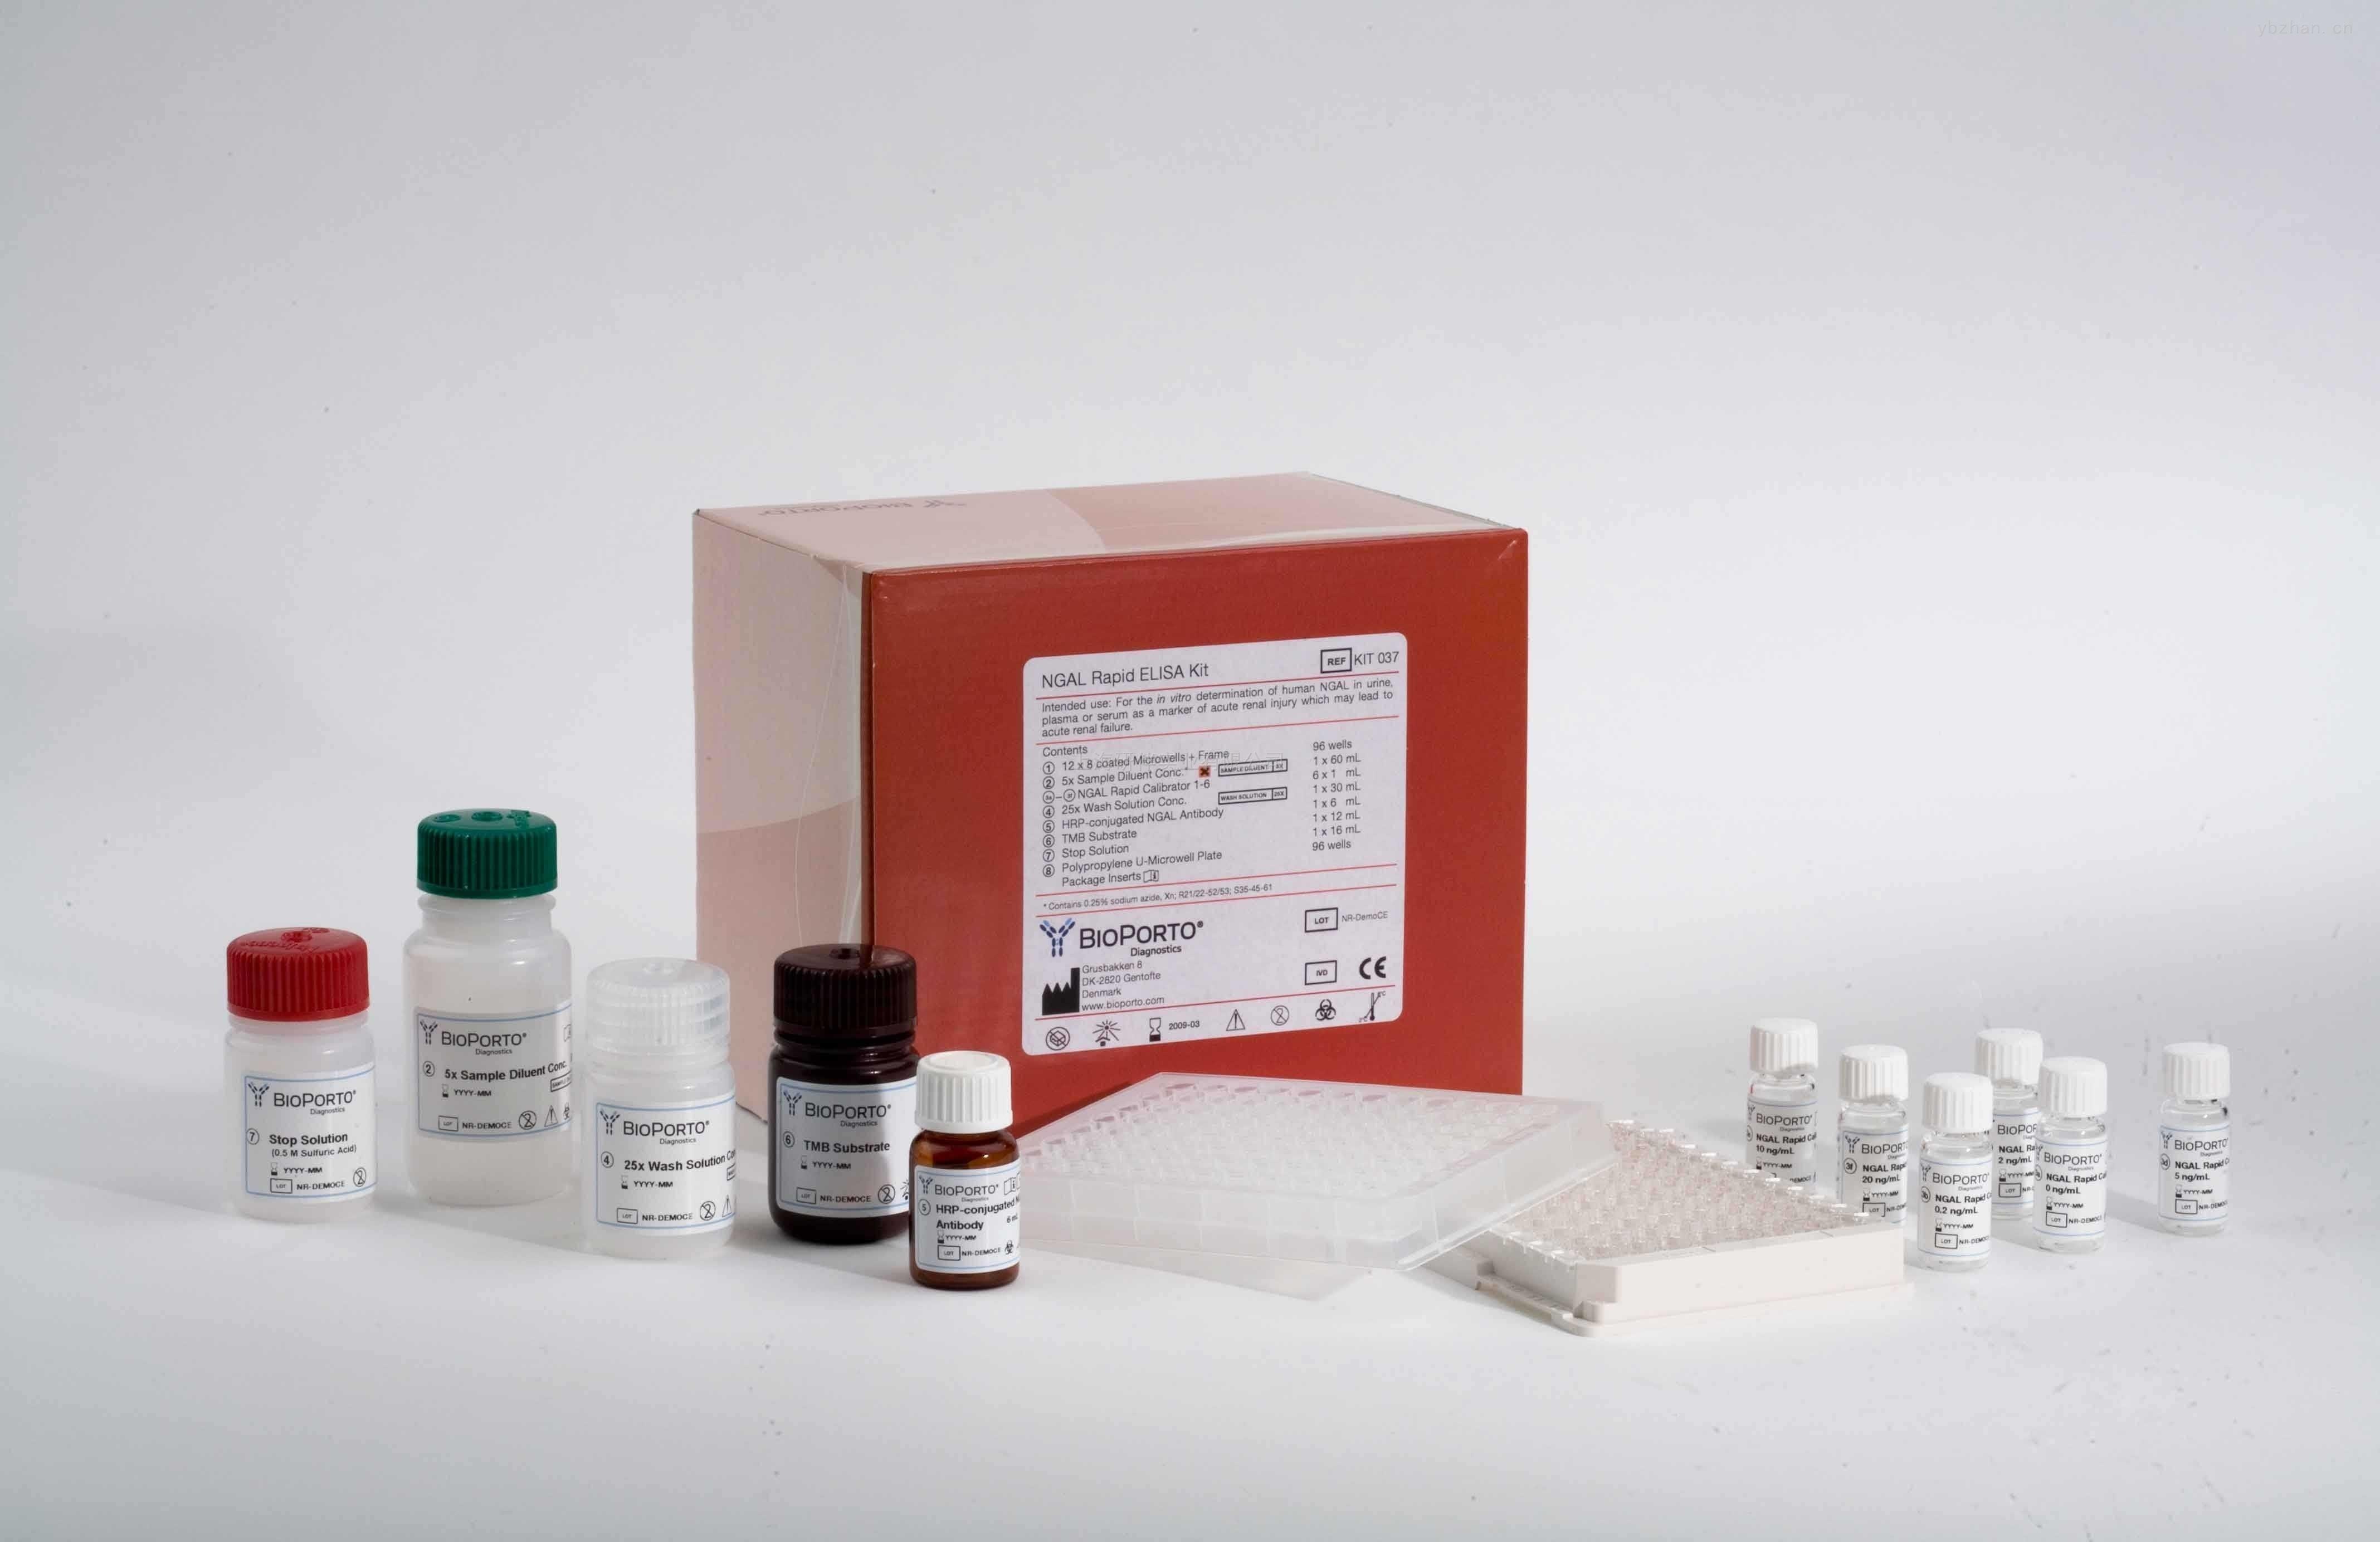 載玻片細胞APC蛋白表達NBT顯色光學顯微鏡檢測試劑盒